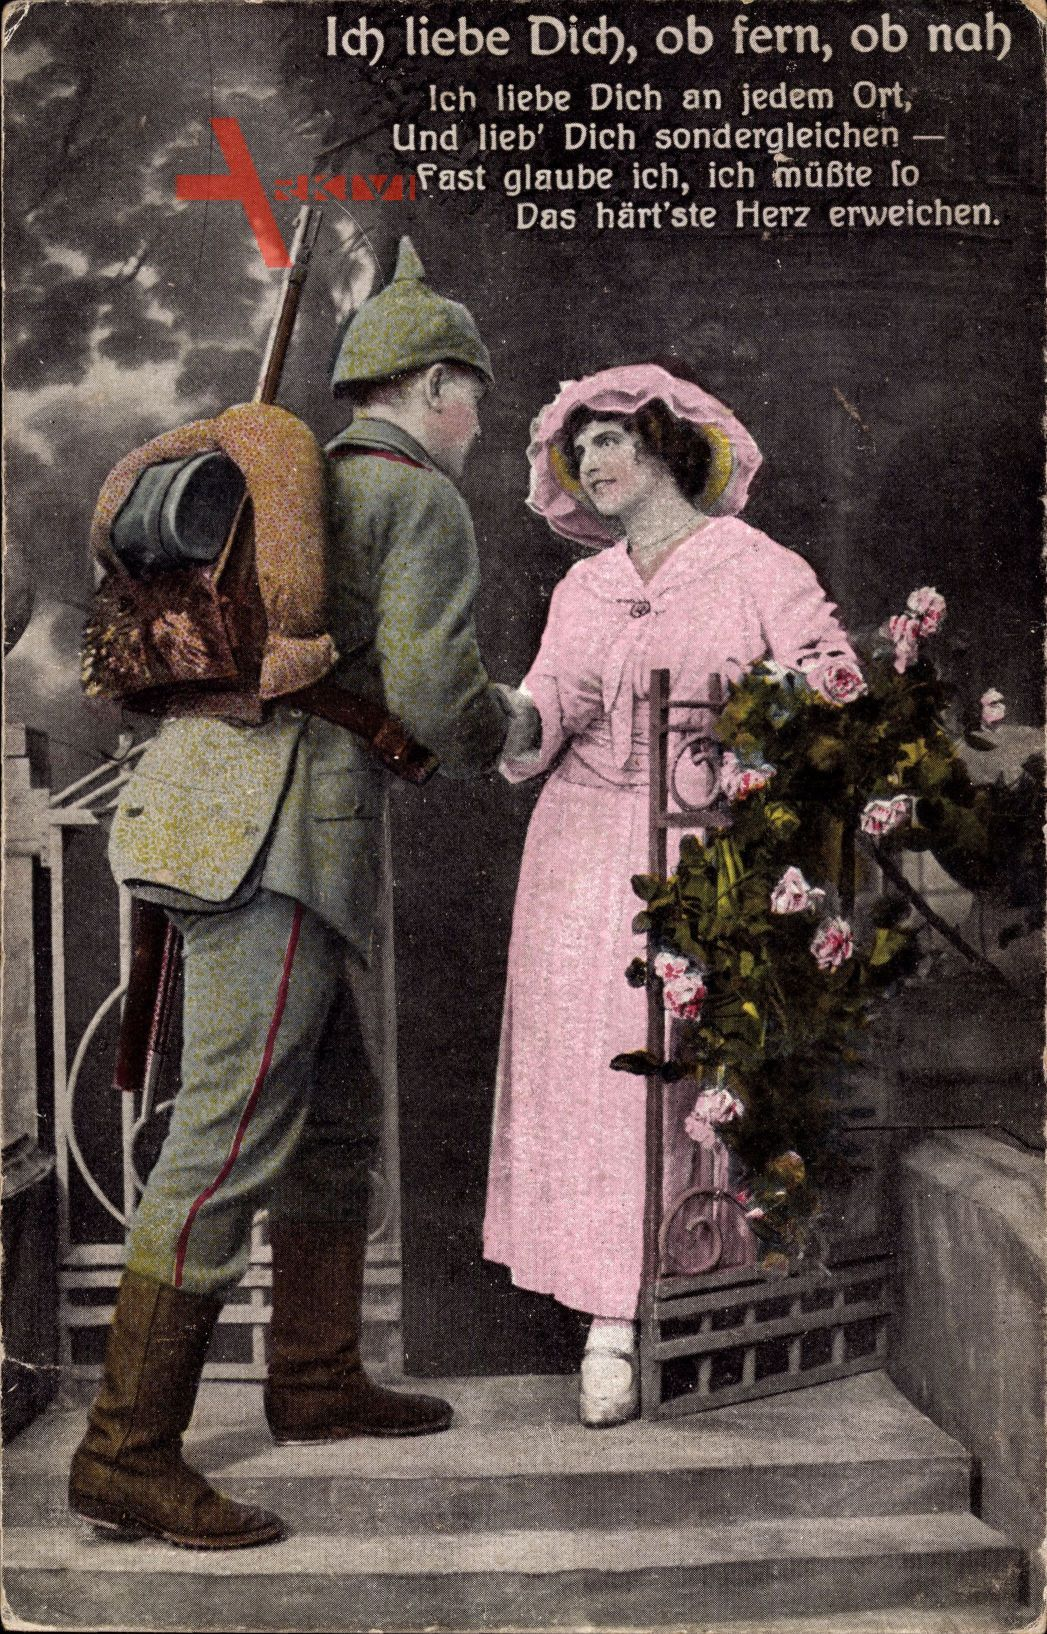 Ich liebe Dich, ob fern, ob nah, Soldat mit seiner Geliebten